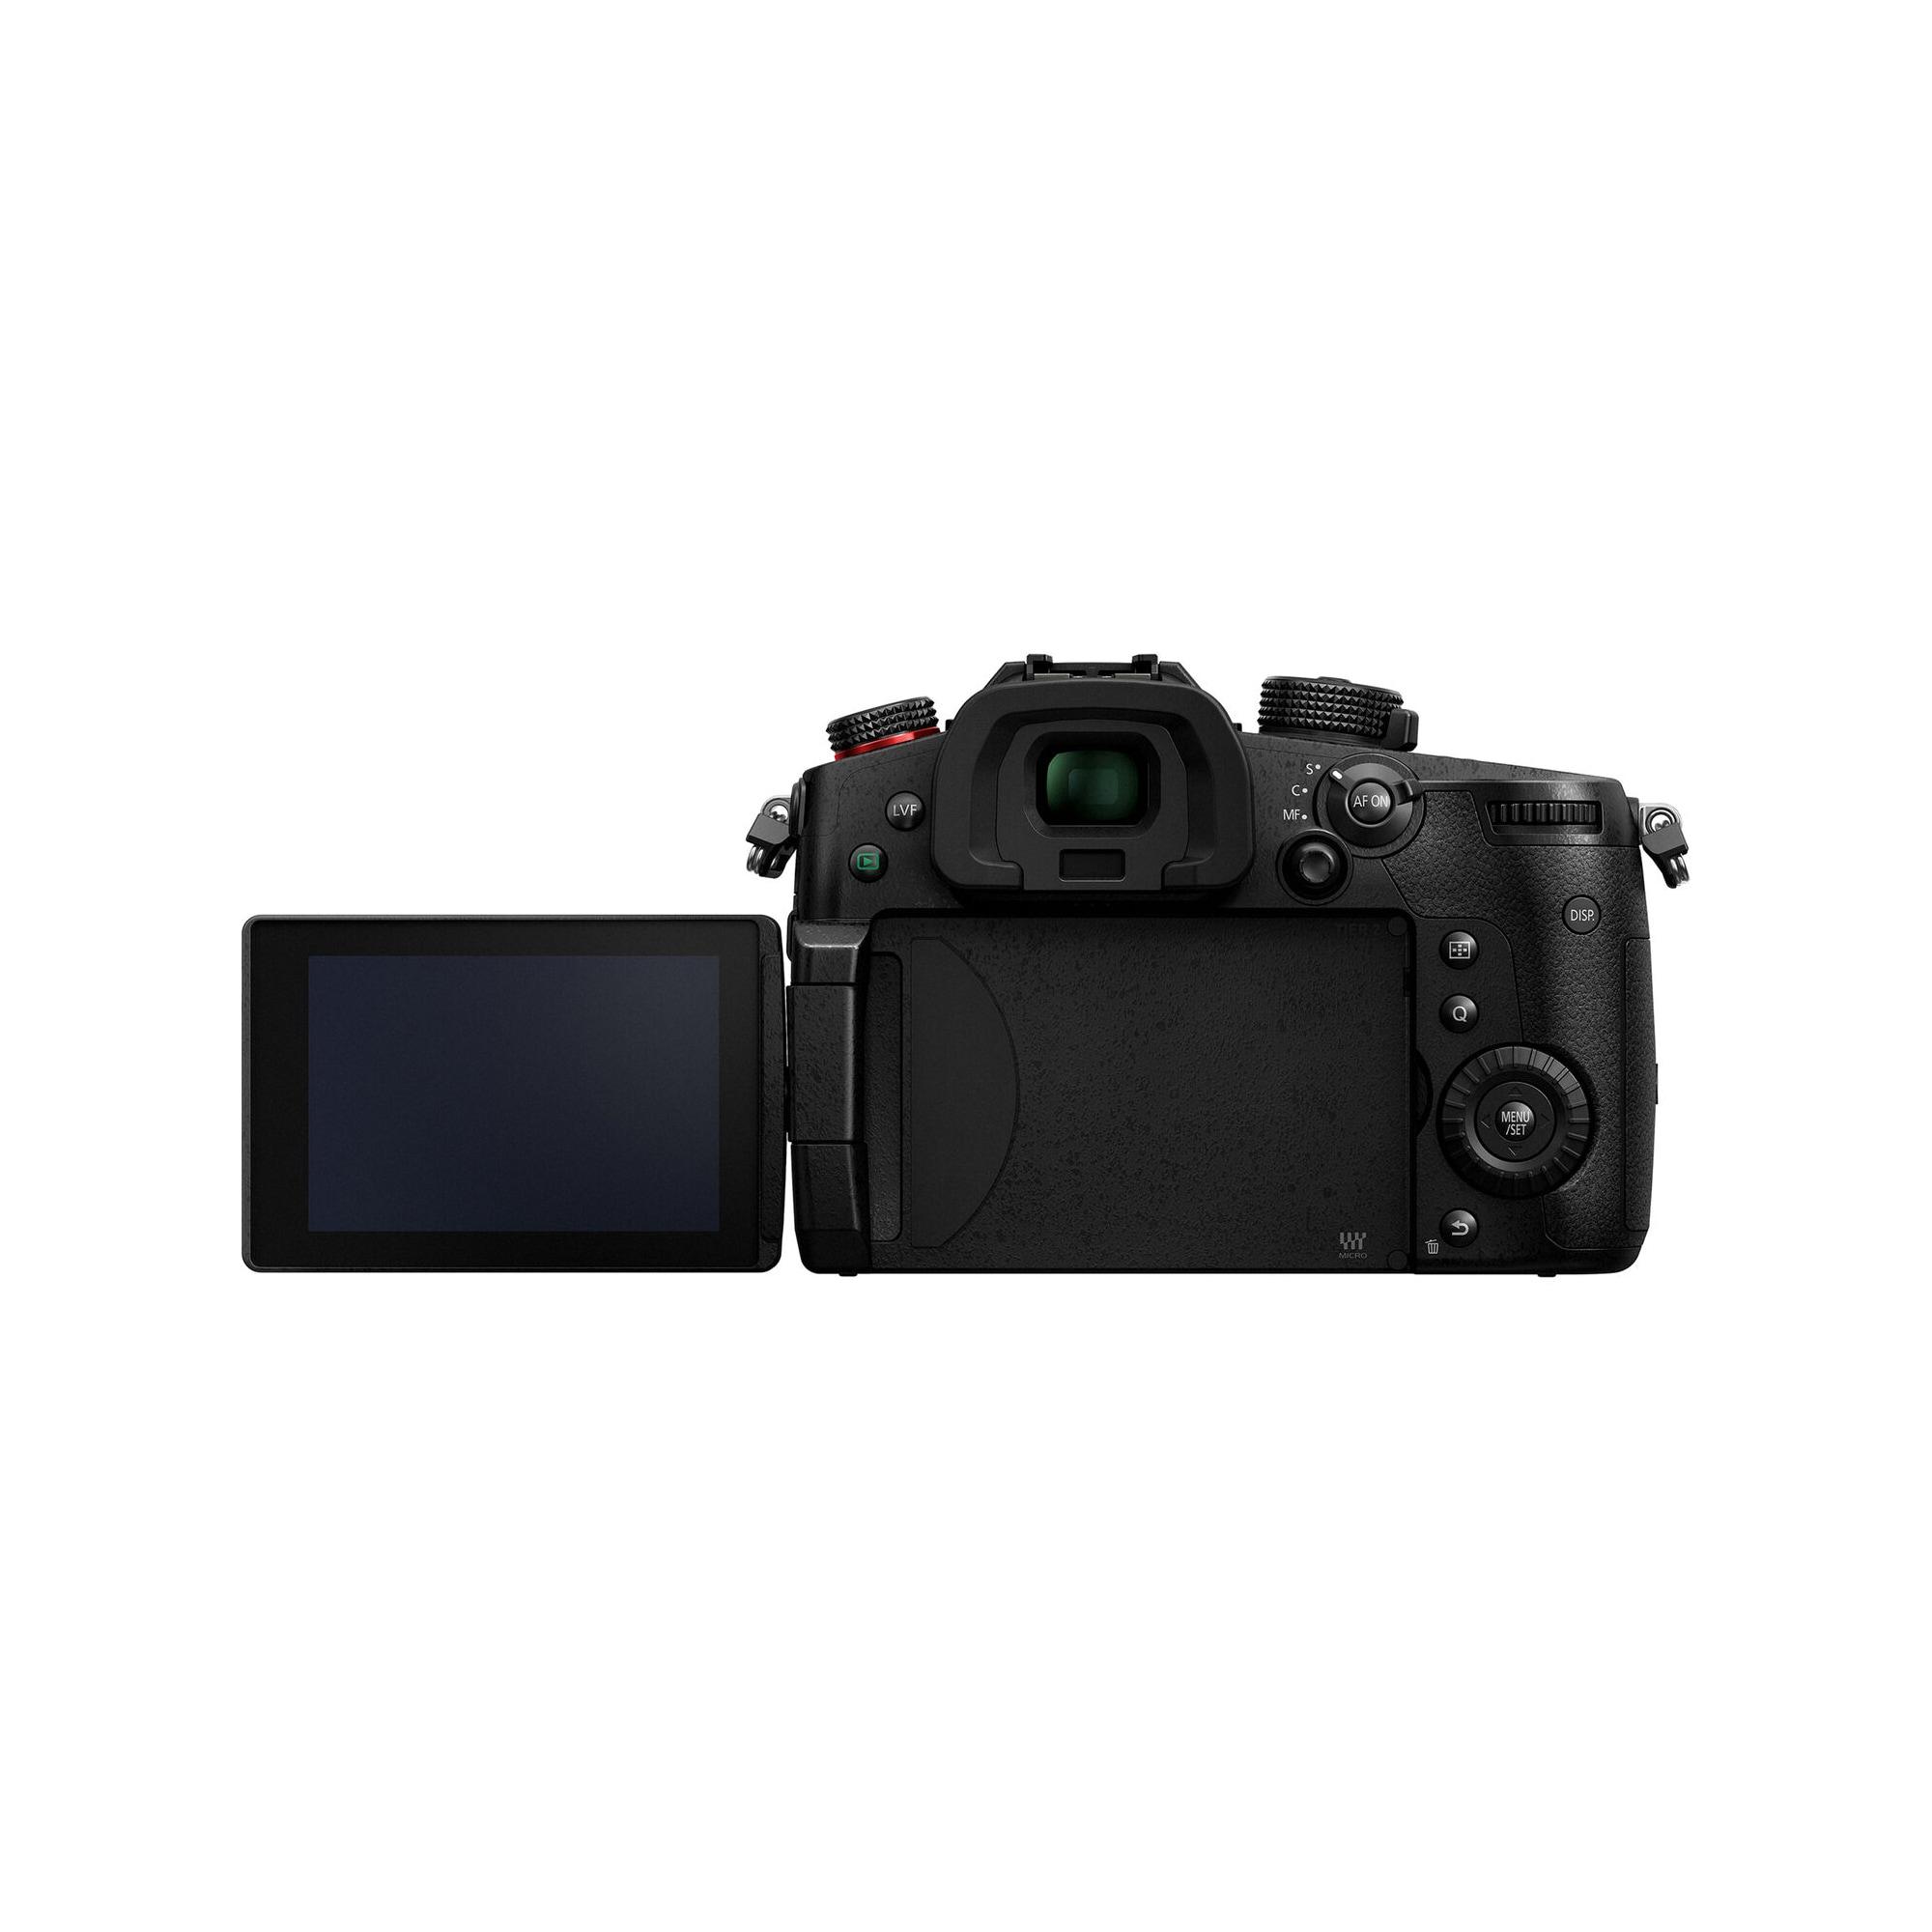 Panasonic Lumix DC-GH5 II + Leica DG Vario-Elmarit 12-60/2,8-4